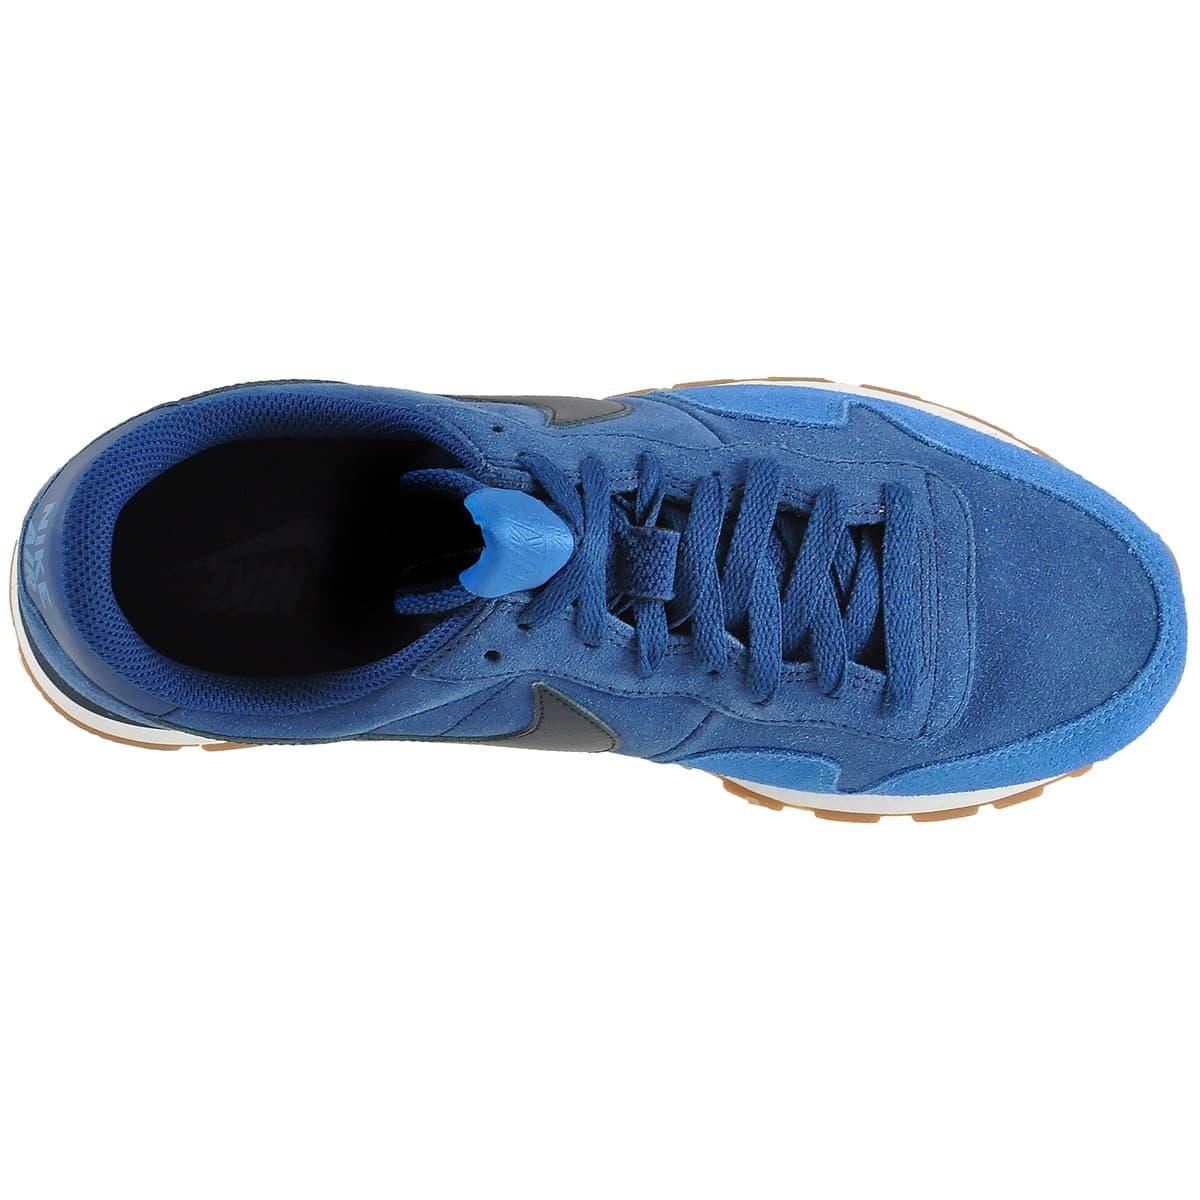 Air Pegasus 83 Ltr Erkek Mavi Spor Ayakkabı